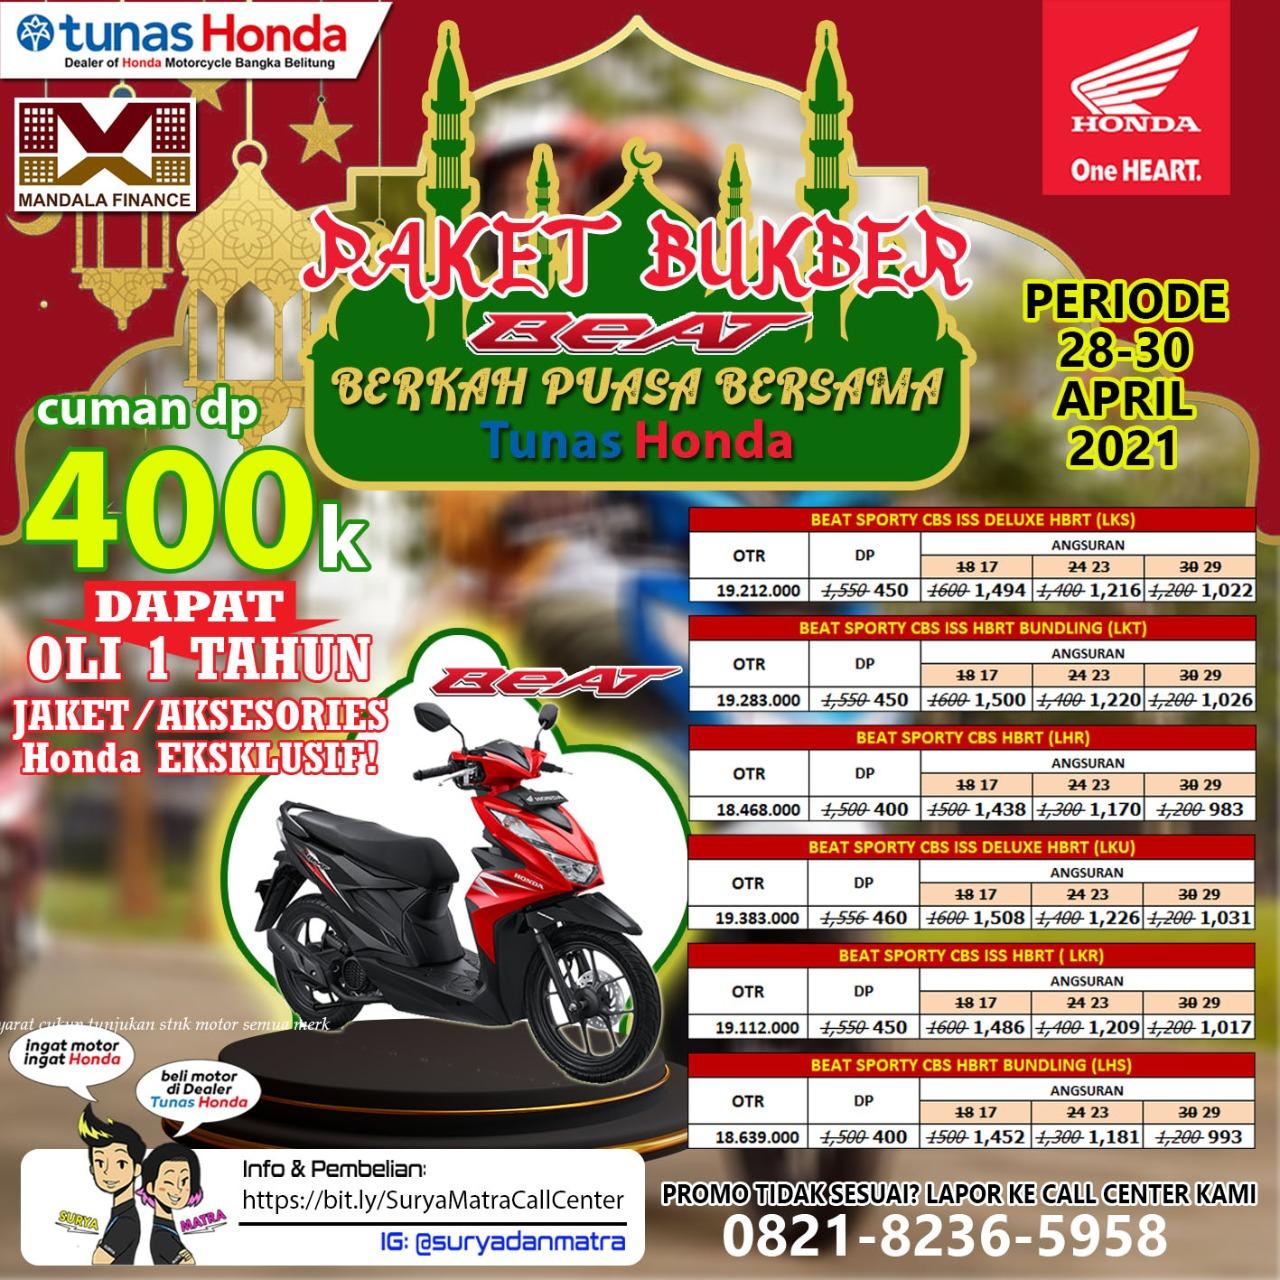 Honda TDM Payung semakin banyak promo di Bulan Ramadhan ini khusus  untuk type motor Beat, Scoopy dan Vario yang berlaku sampai tanggal 30 April 2021.